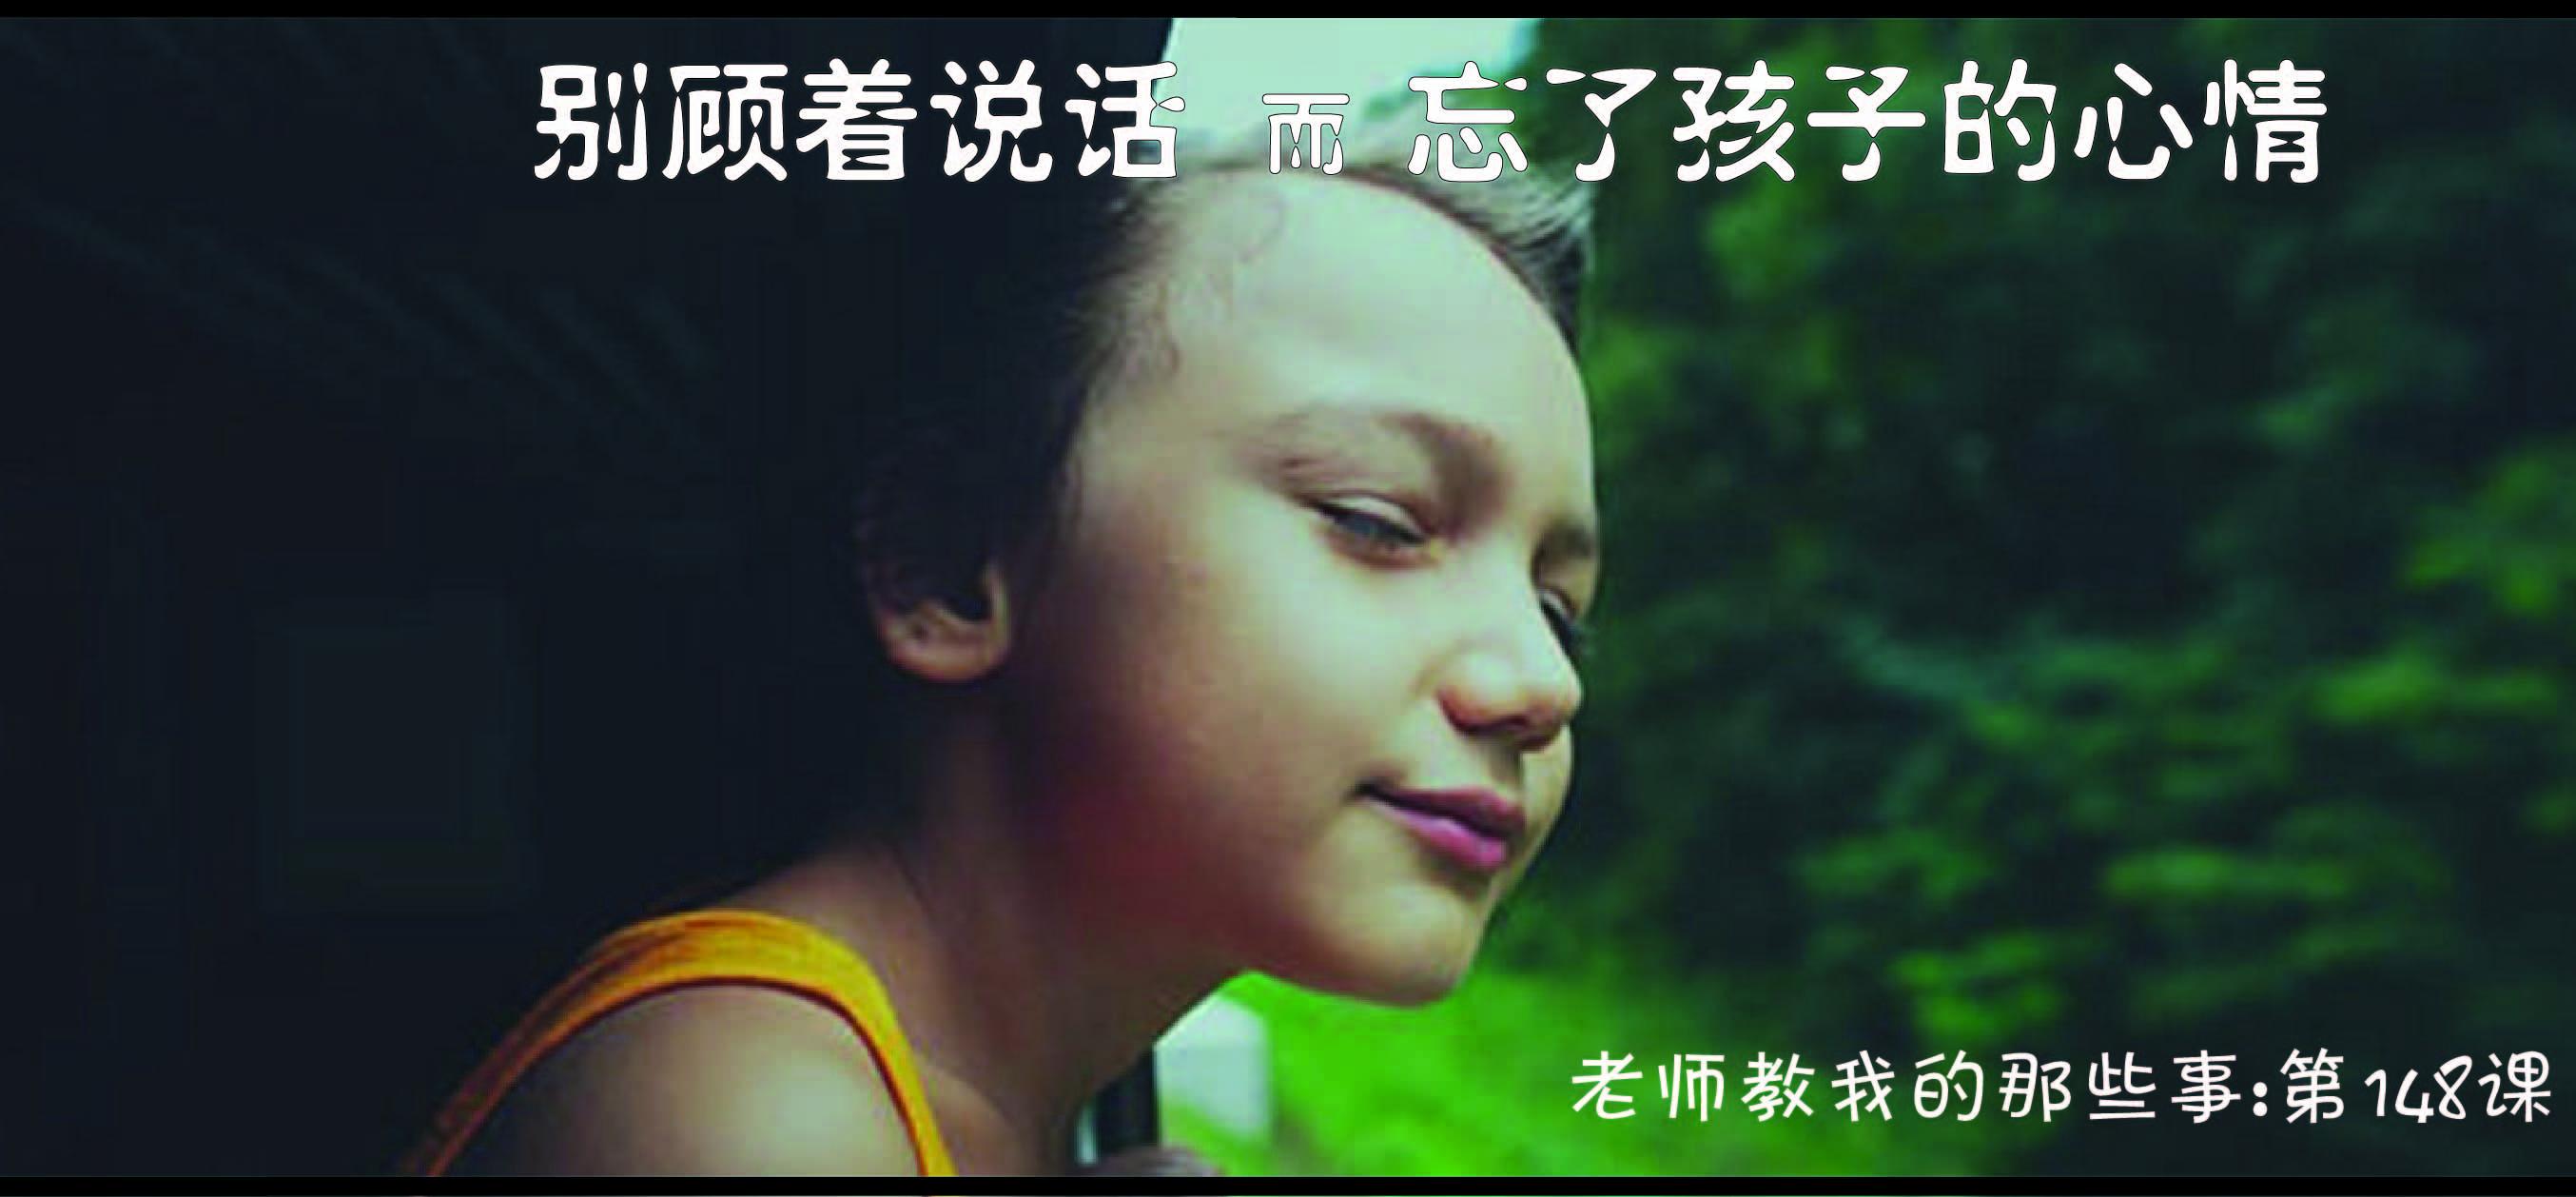 第148课:别顾着说话而忘了孩子的心情